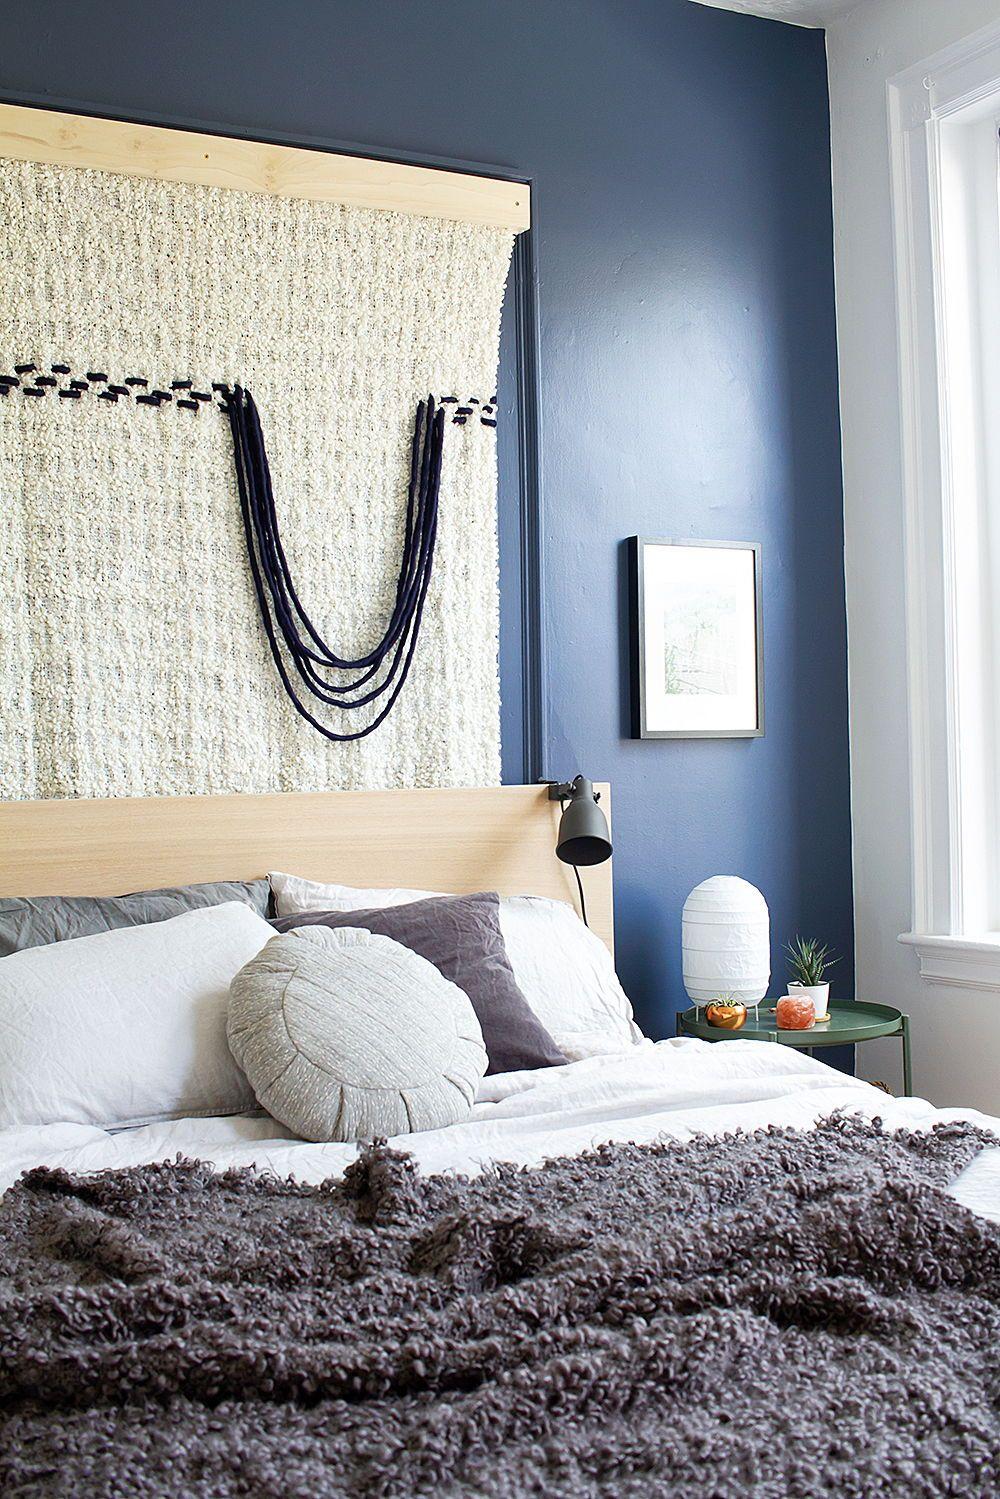 Top 10 Master Bedroom Ideas Best Ikea Bedroom Diy Bedroom Makeover